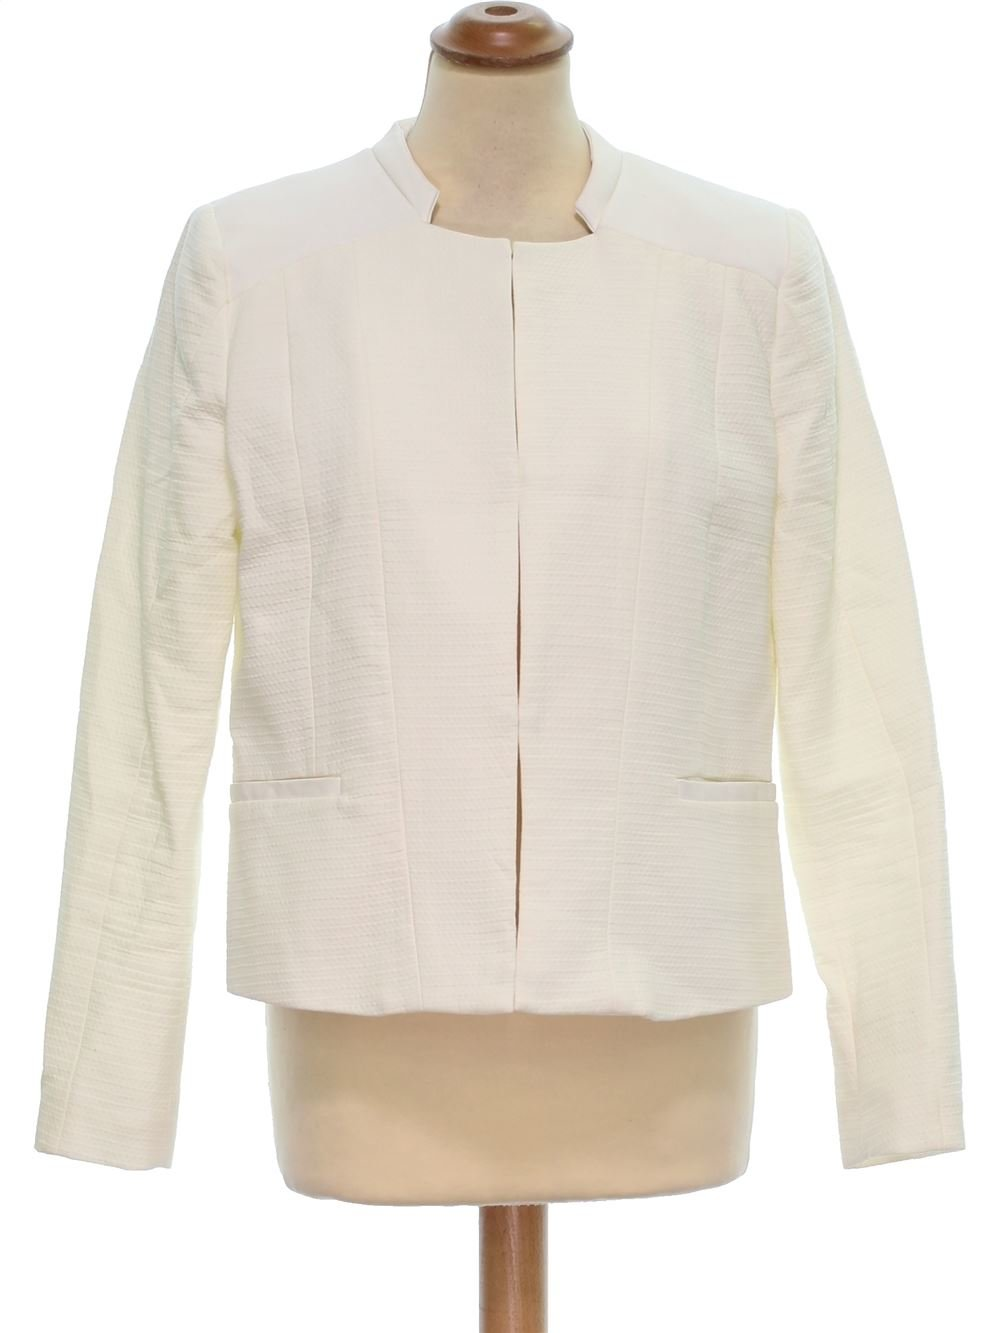 Veste de tailleur, Blazer Femme MANGO L pas cher, 6.75